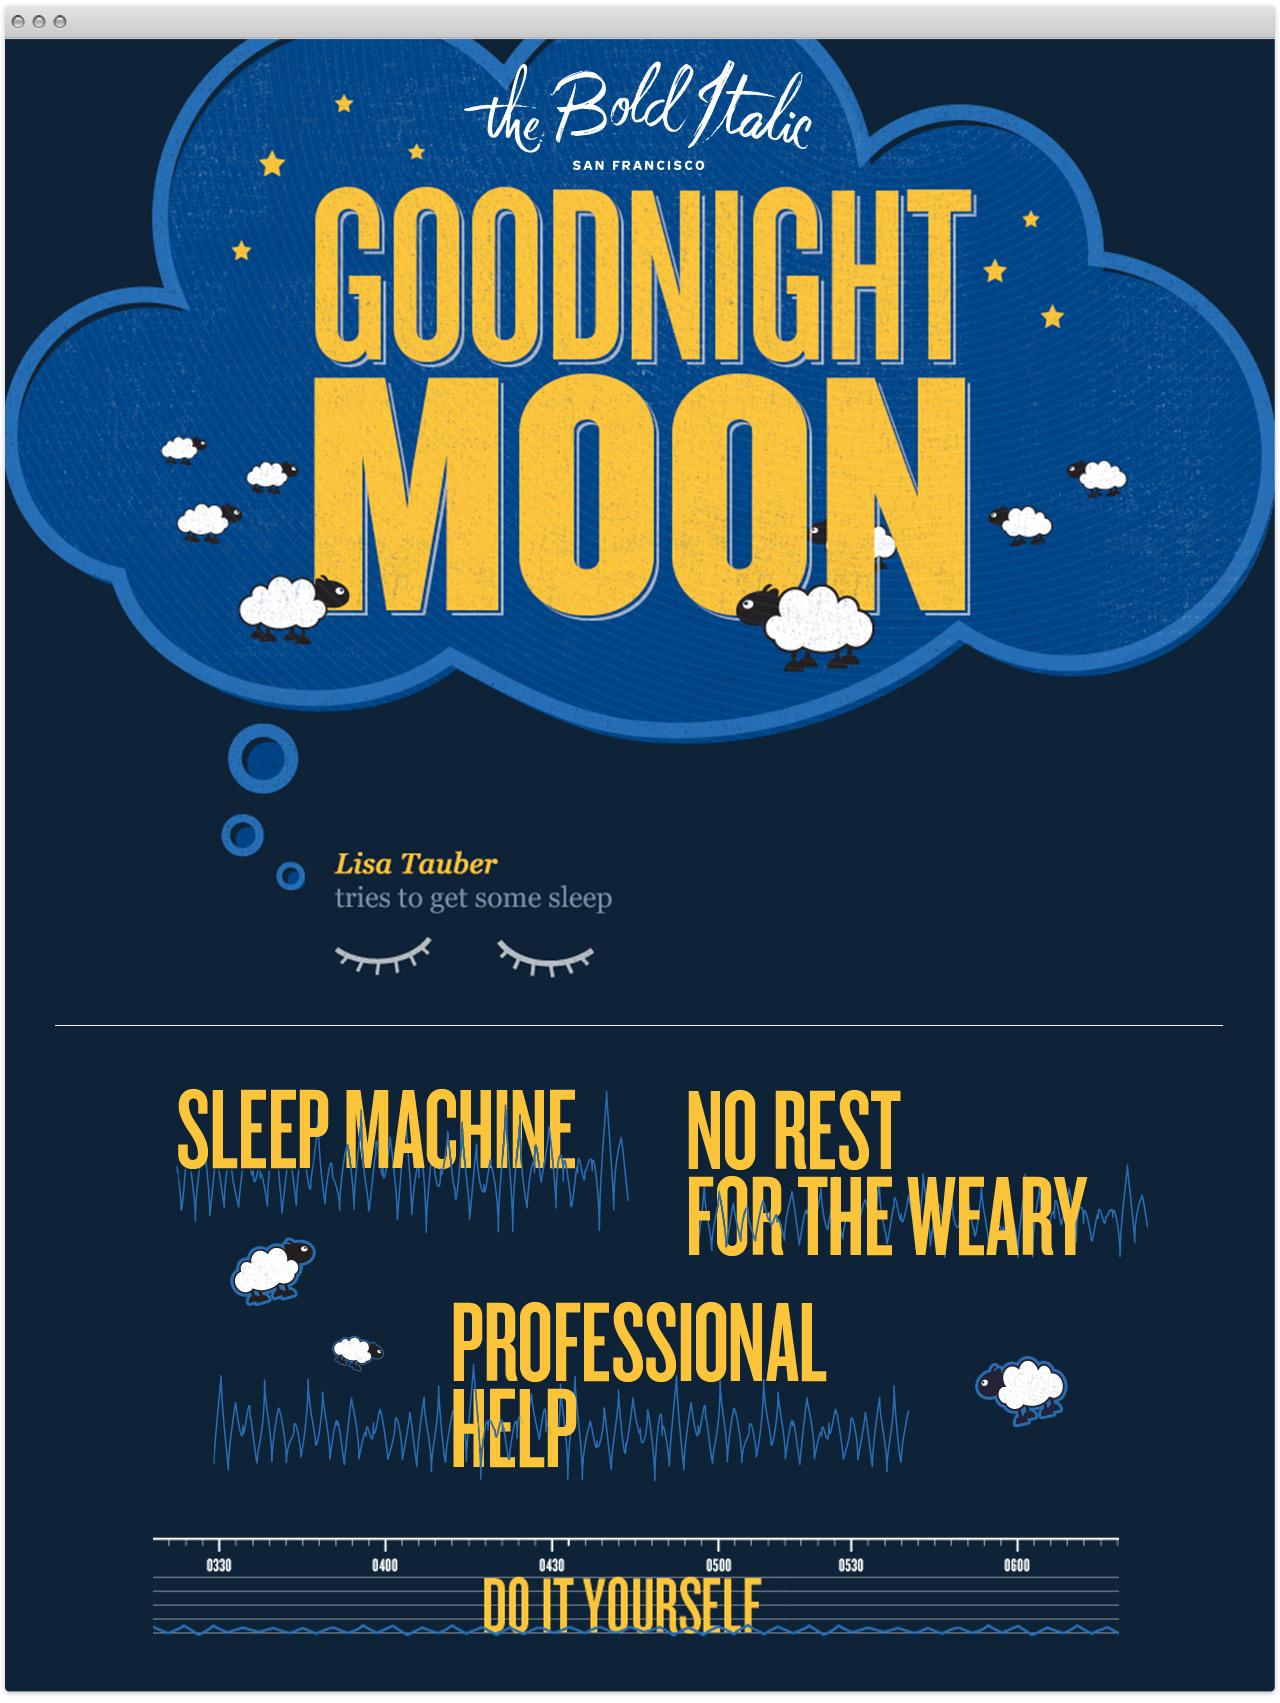 TBI_Goodnight Moon.jpg